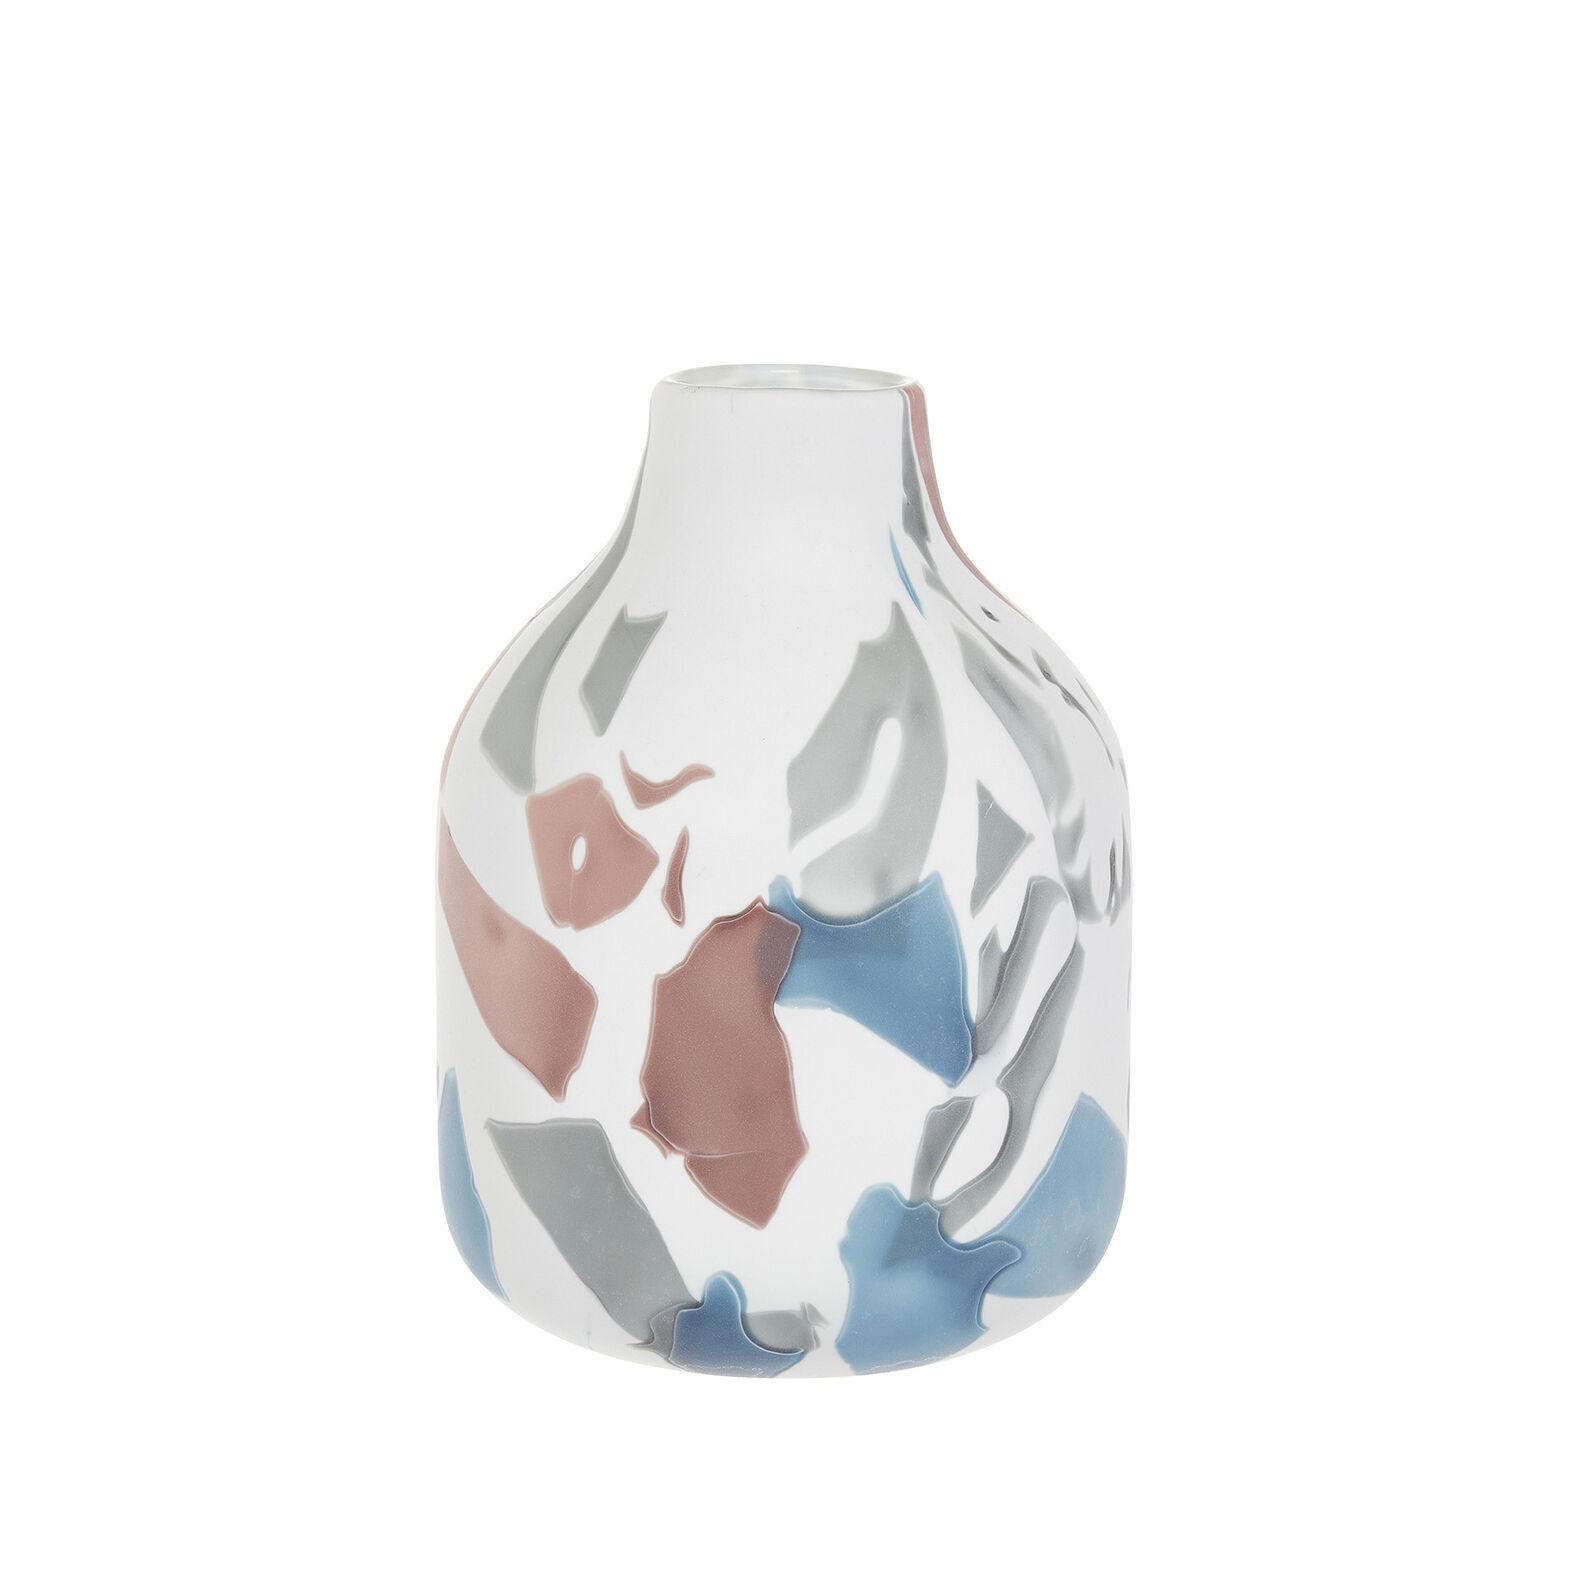 Handmade bottle-shaped vase in coloured glass